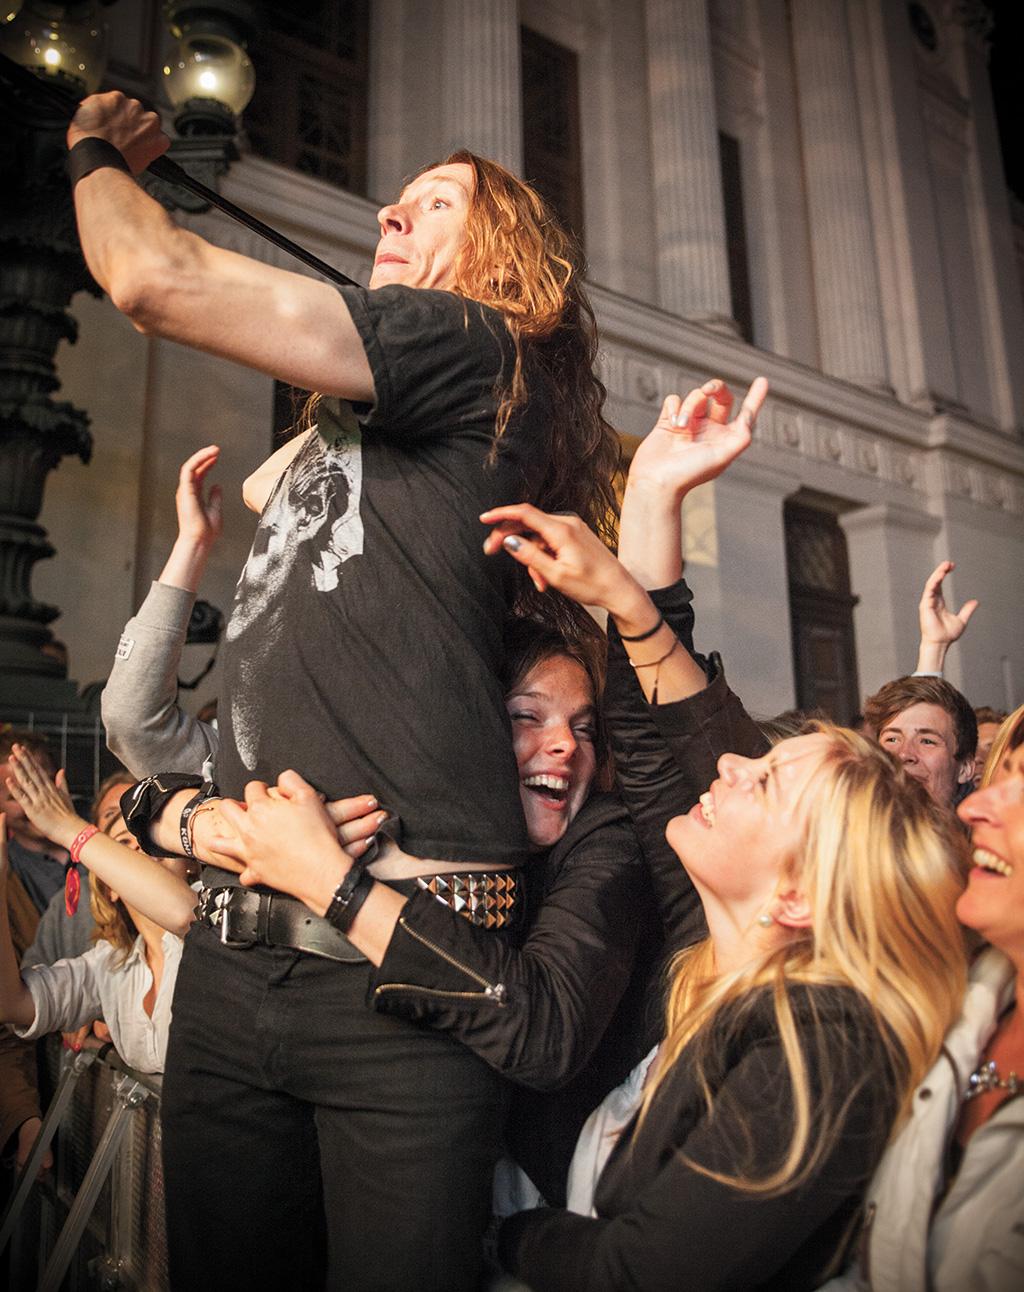 JENS HUNT Ögonblicksbild från E-typespelningen på Lundakarnevalen. –Den här bilden fångar en oväntad publikkontakt. Jag tycker om när publiken interagerar med artisten på en konsert, då fångar man känslan på ett helt annat sätt.